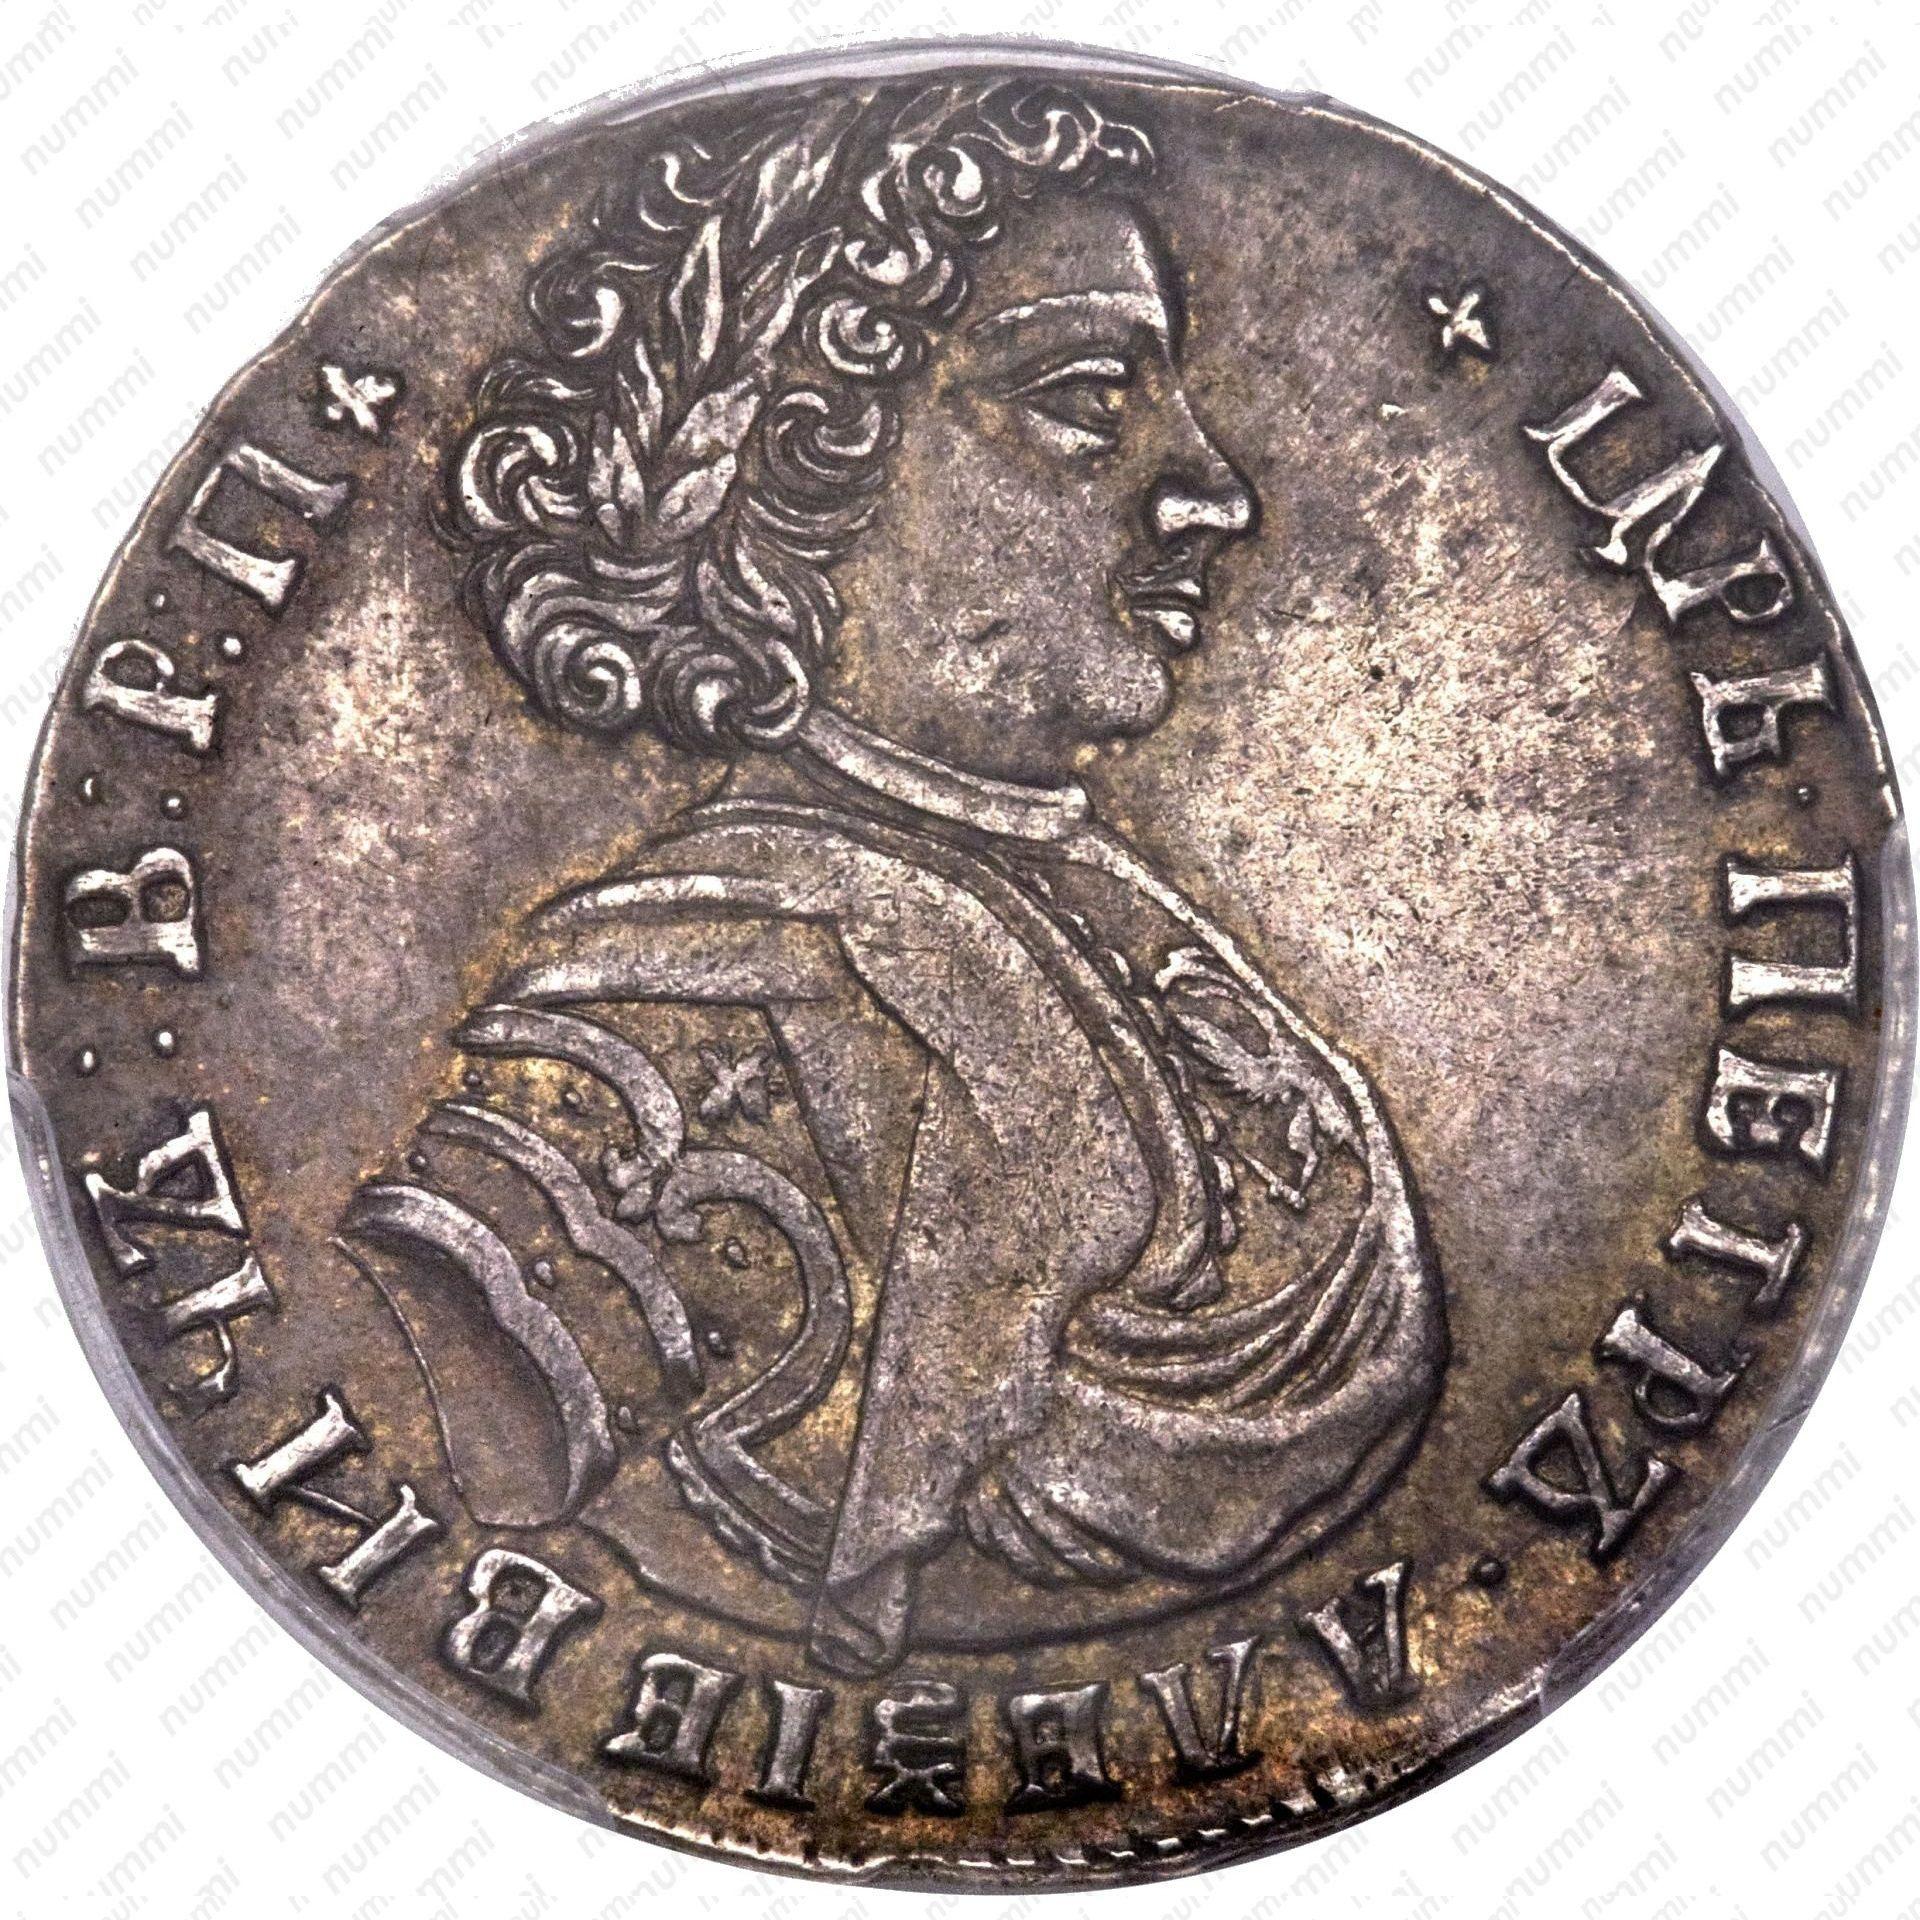 ... полтина 1707, год славянскими буквами, орёл больше - Аверс